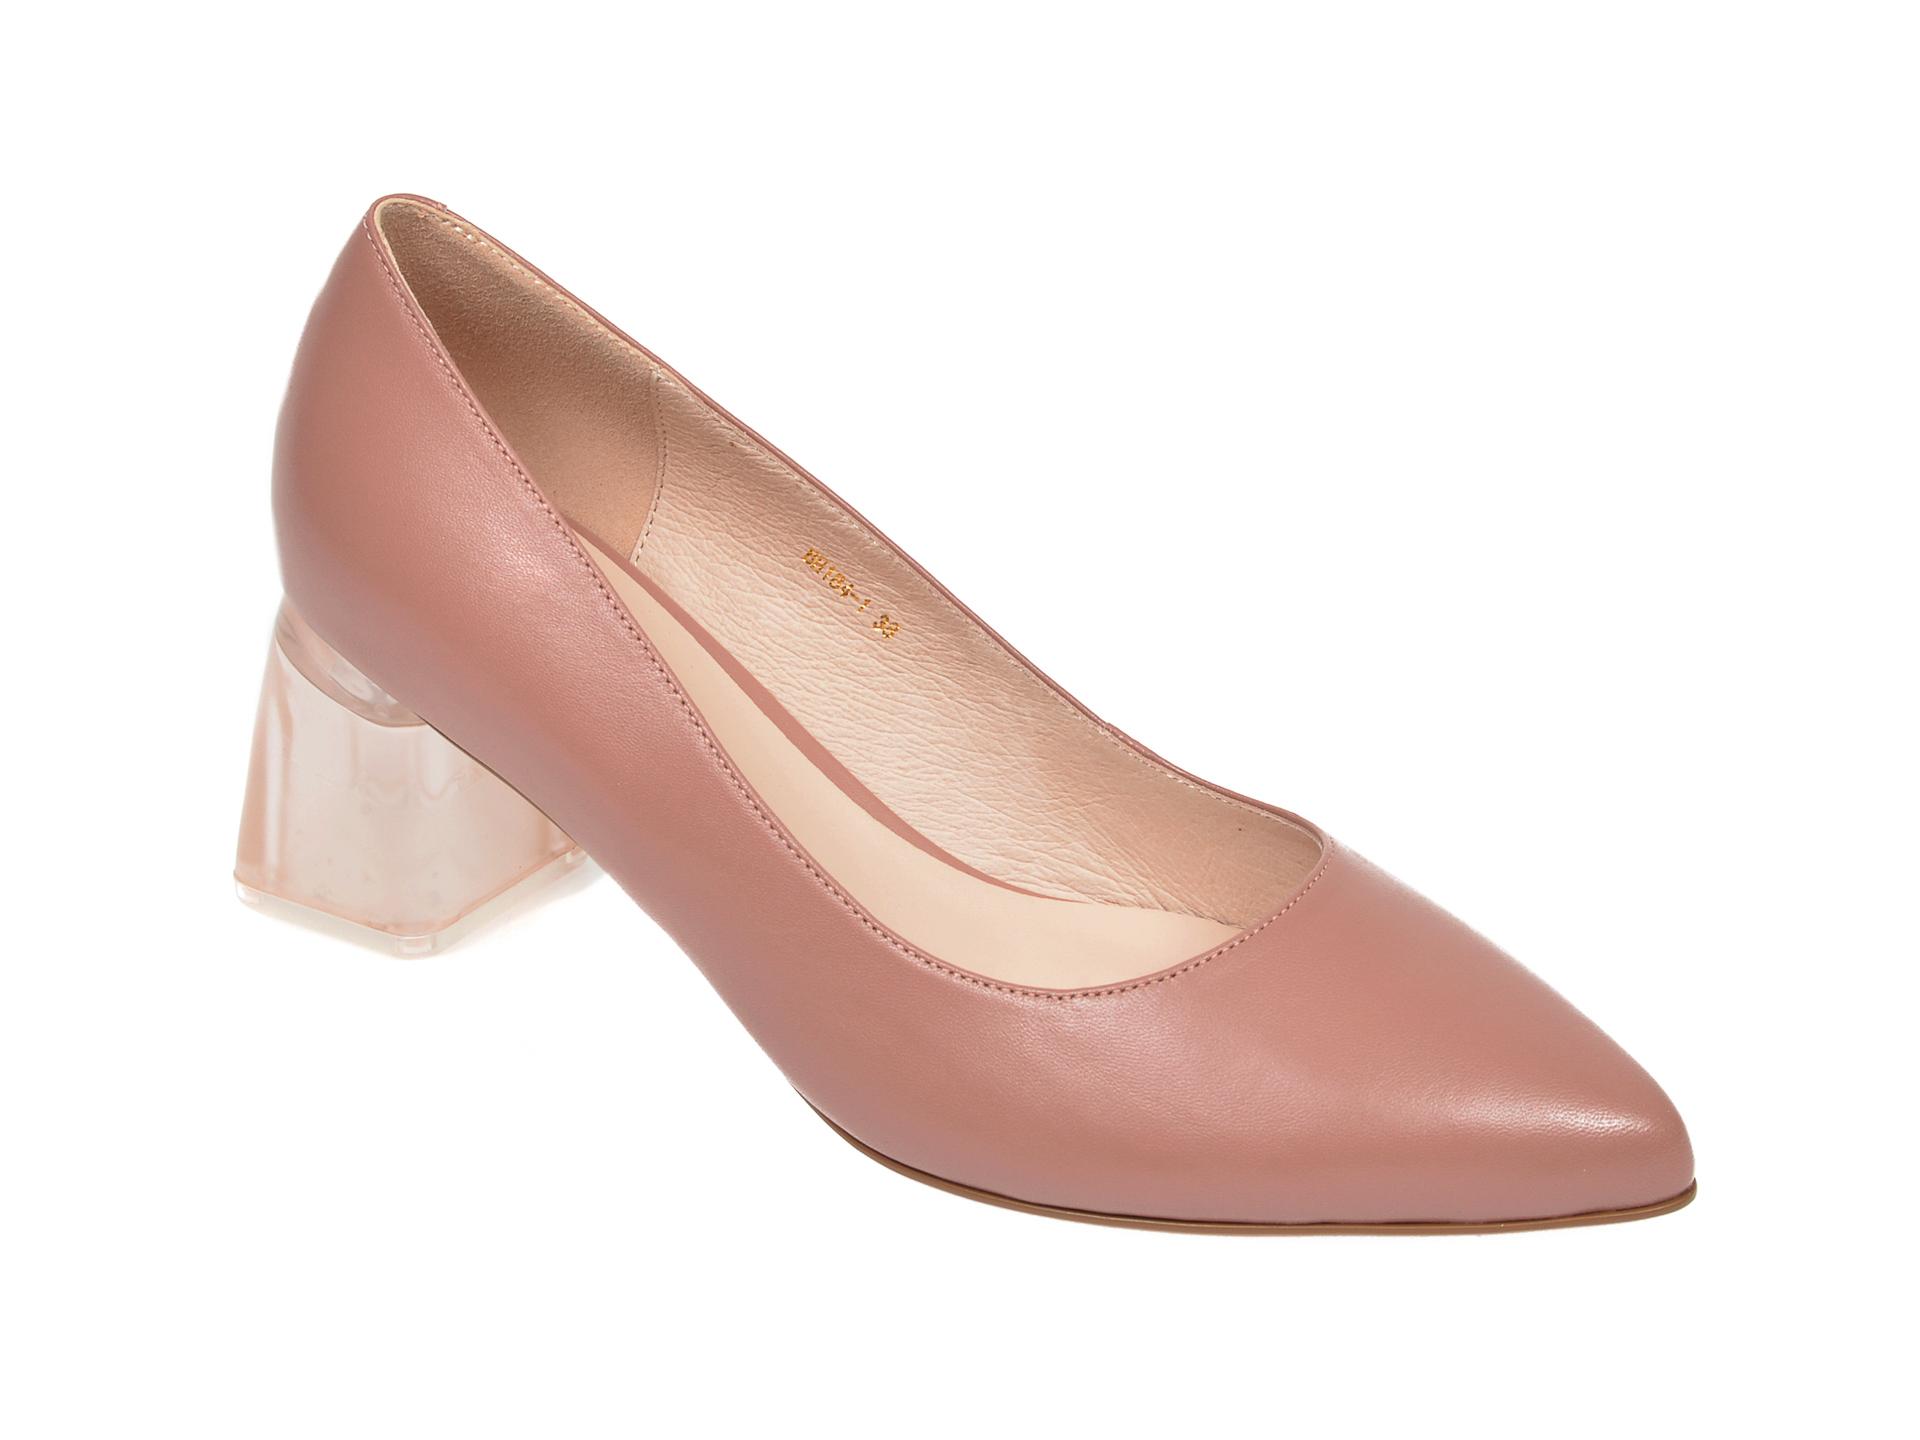 Pantofi EPICA nude, BH184, din piele naturala